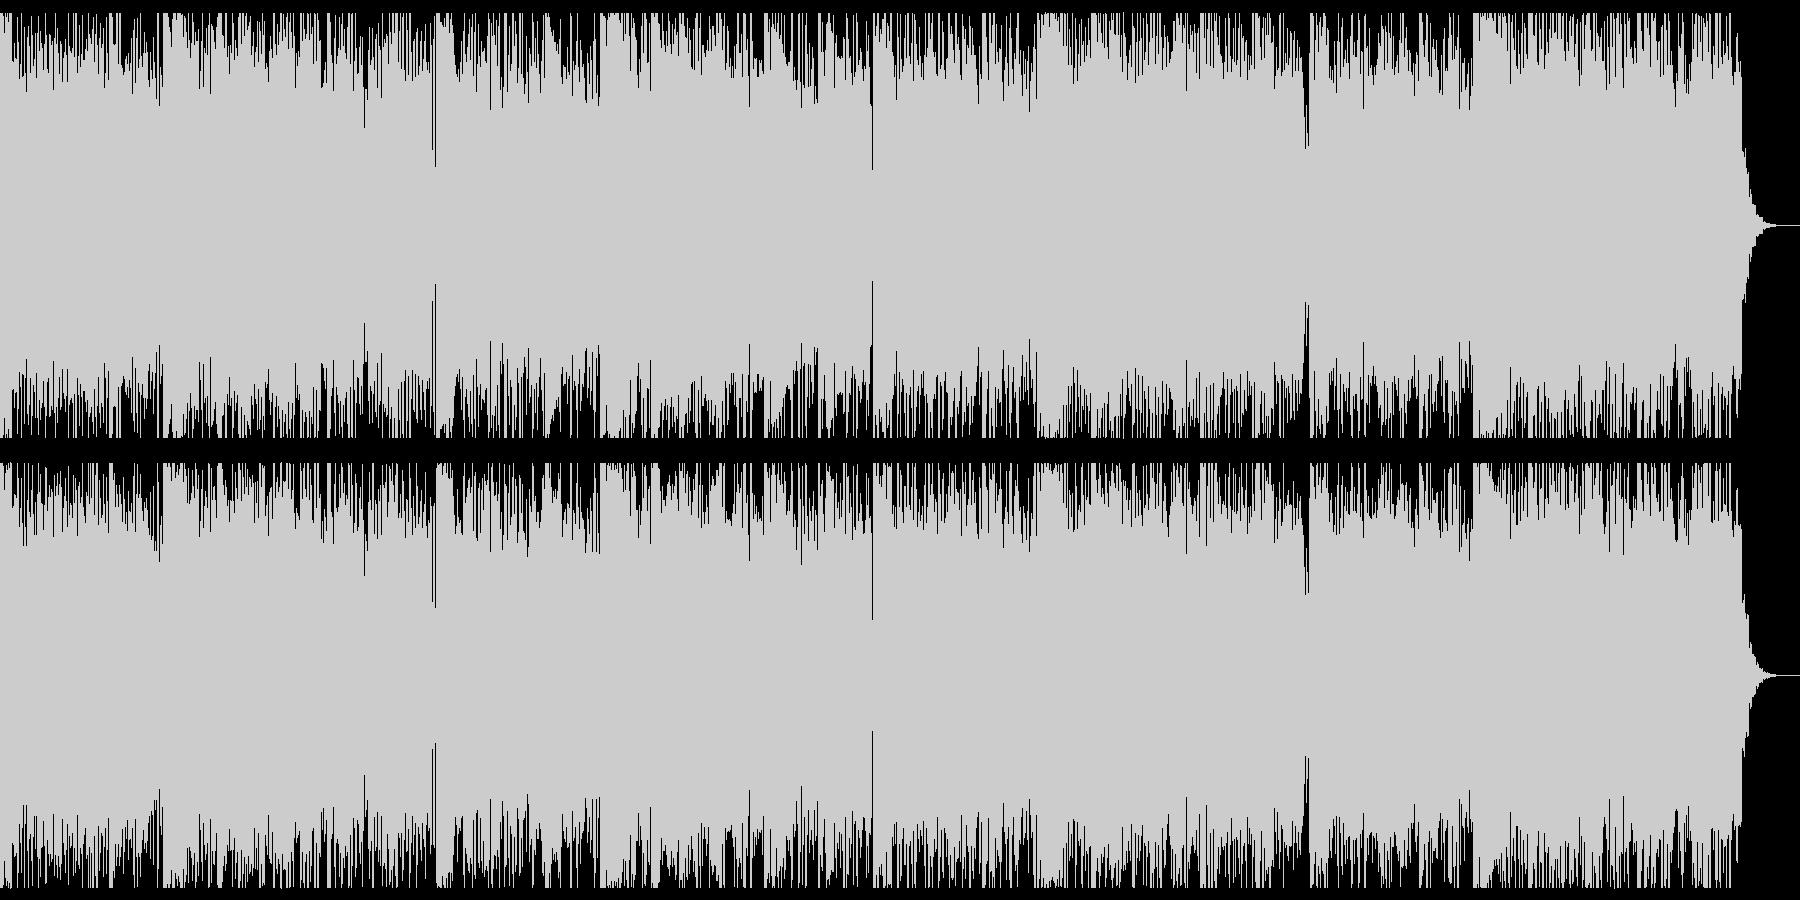 ちょっと切ないホラー音源の未再生の波形